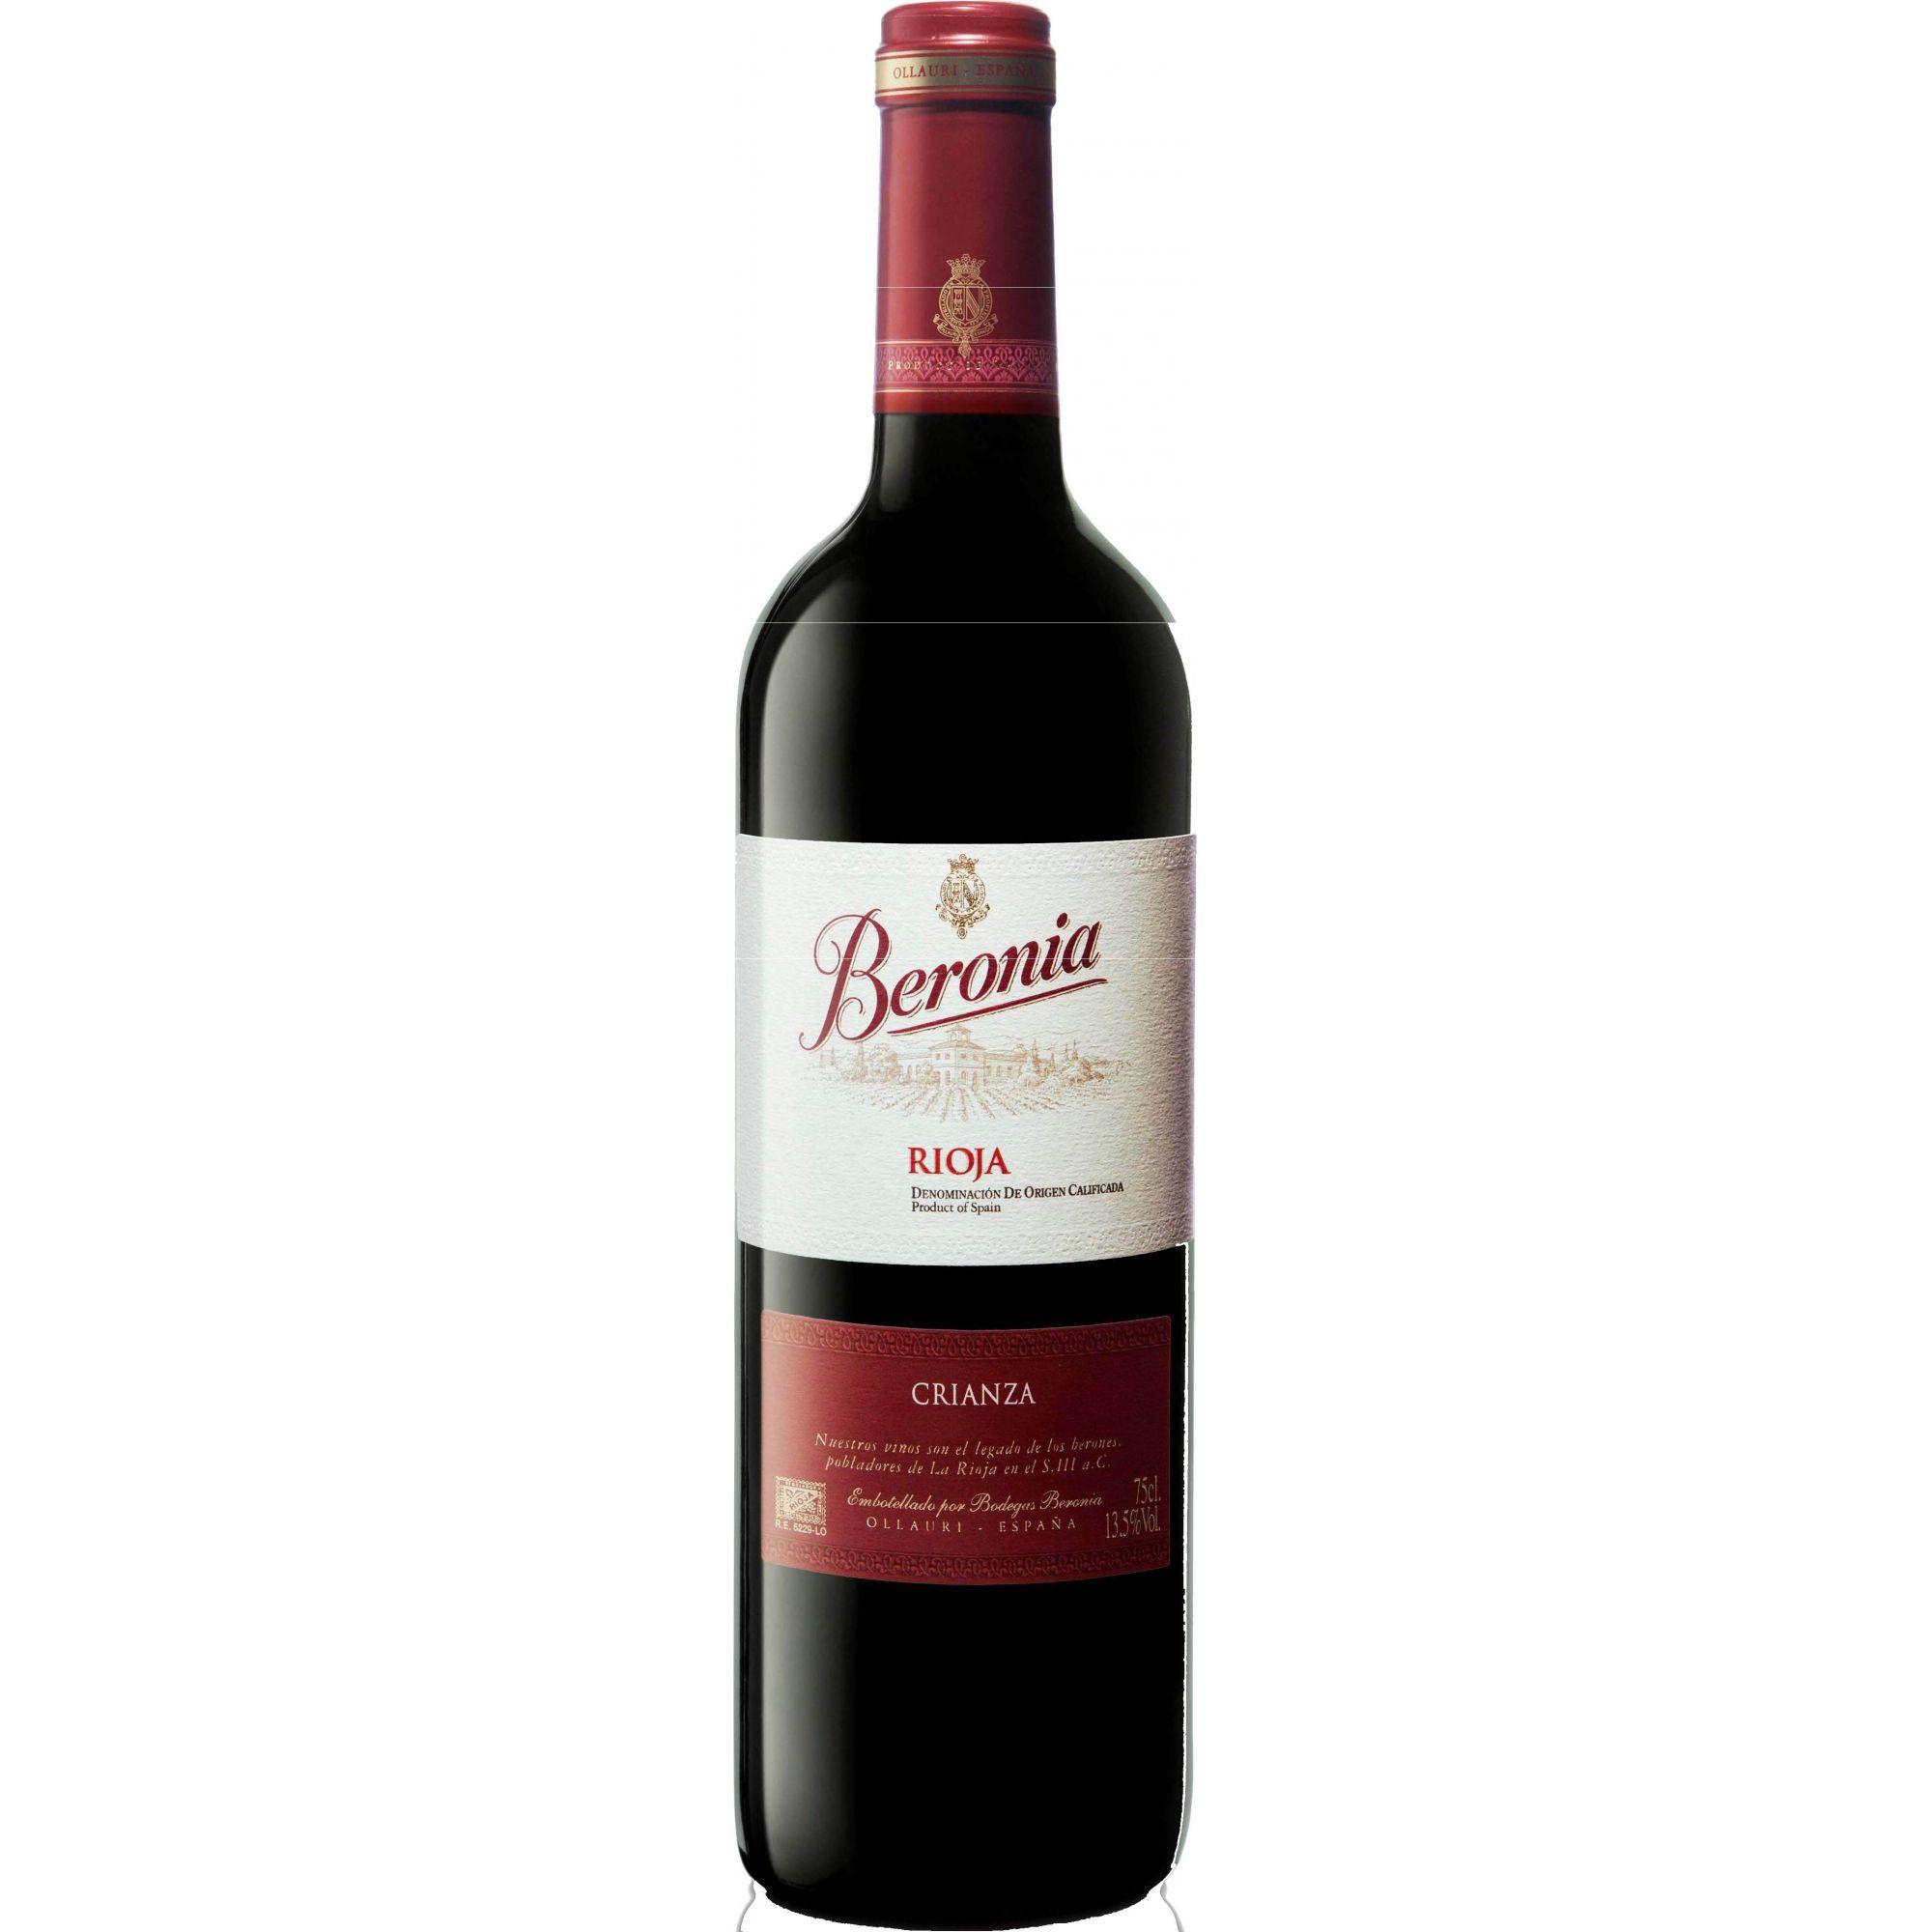 Vinho Beronia Crianza Rioja